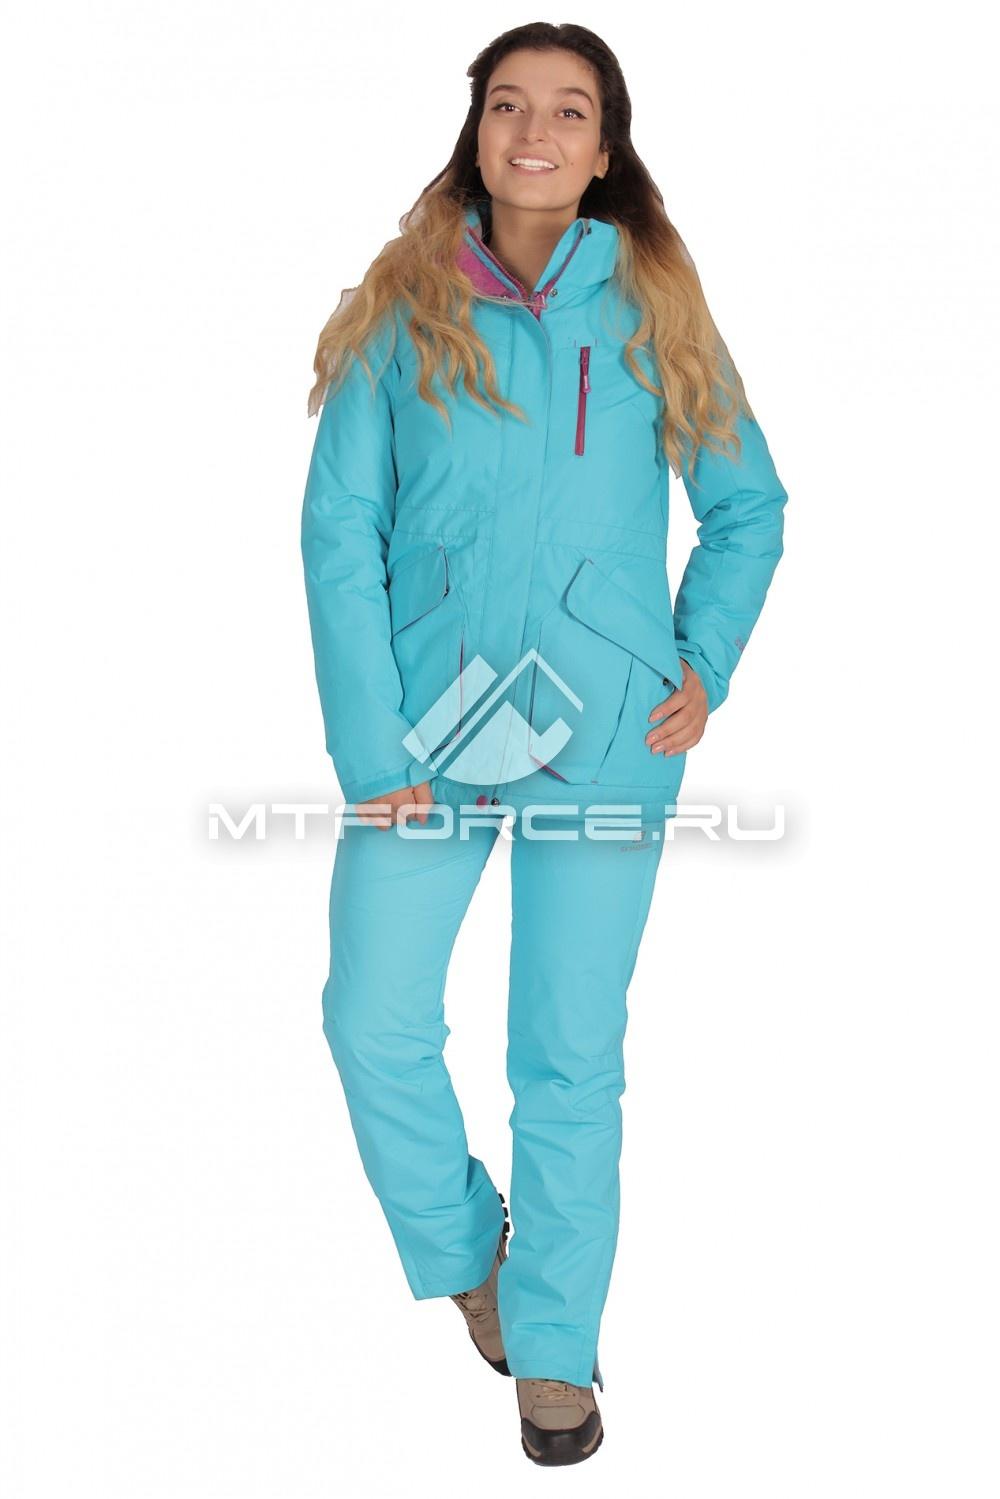 Купить                                  оптом Костюм демисезонный женский голубого цвета 01702G